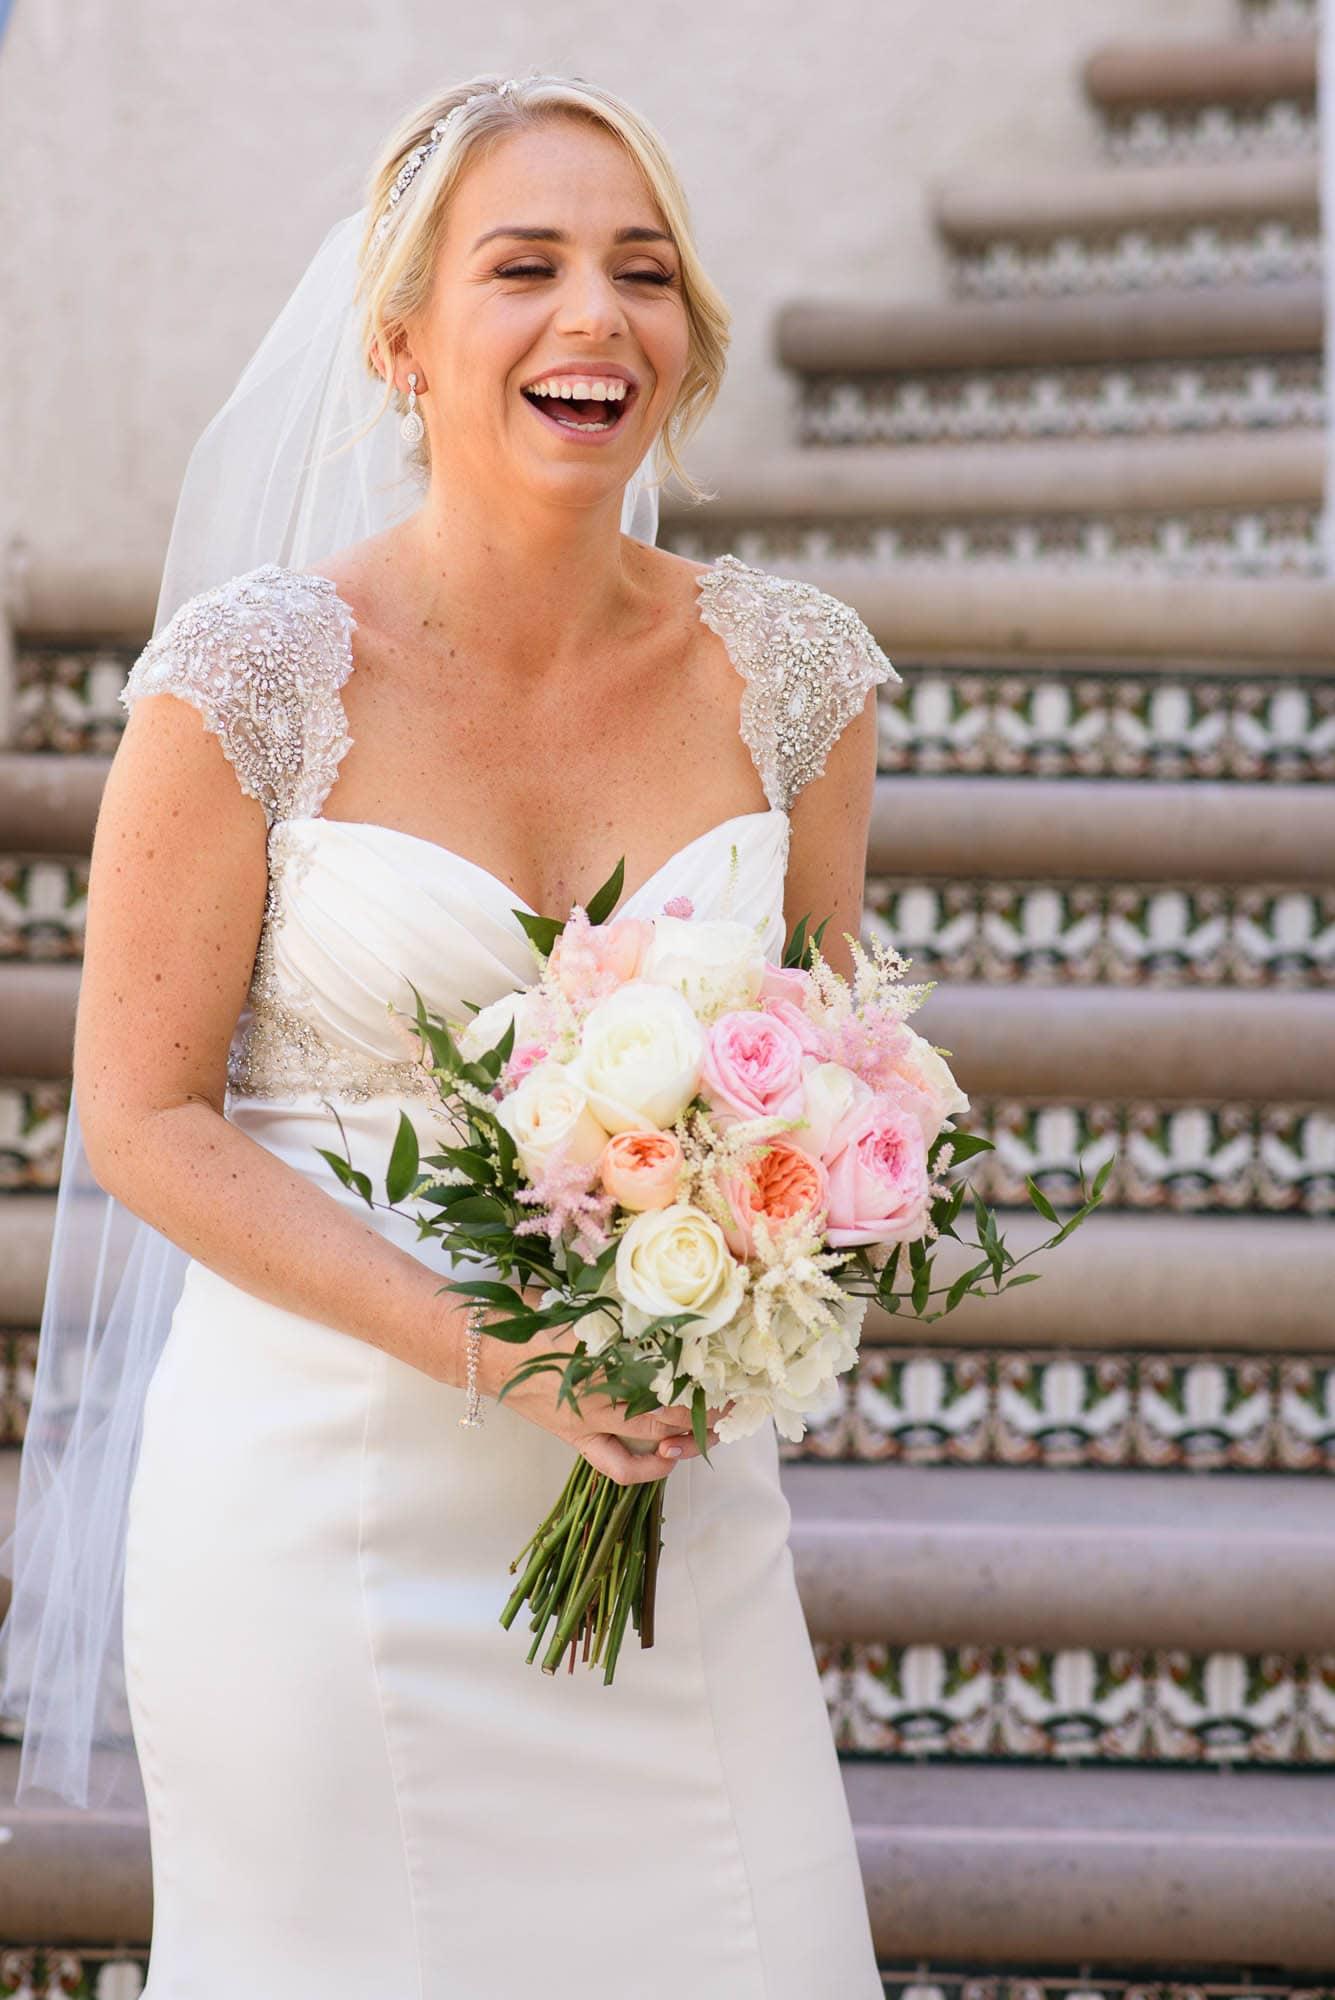 012_Alan_and_Heidi_Wedding_Amanda_Chad